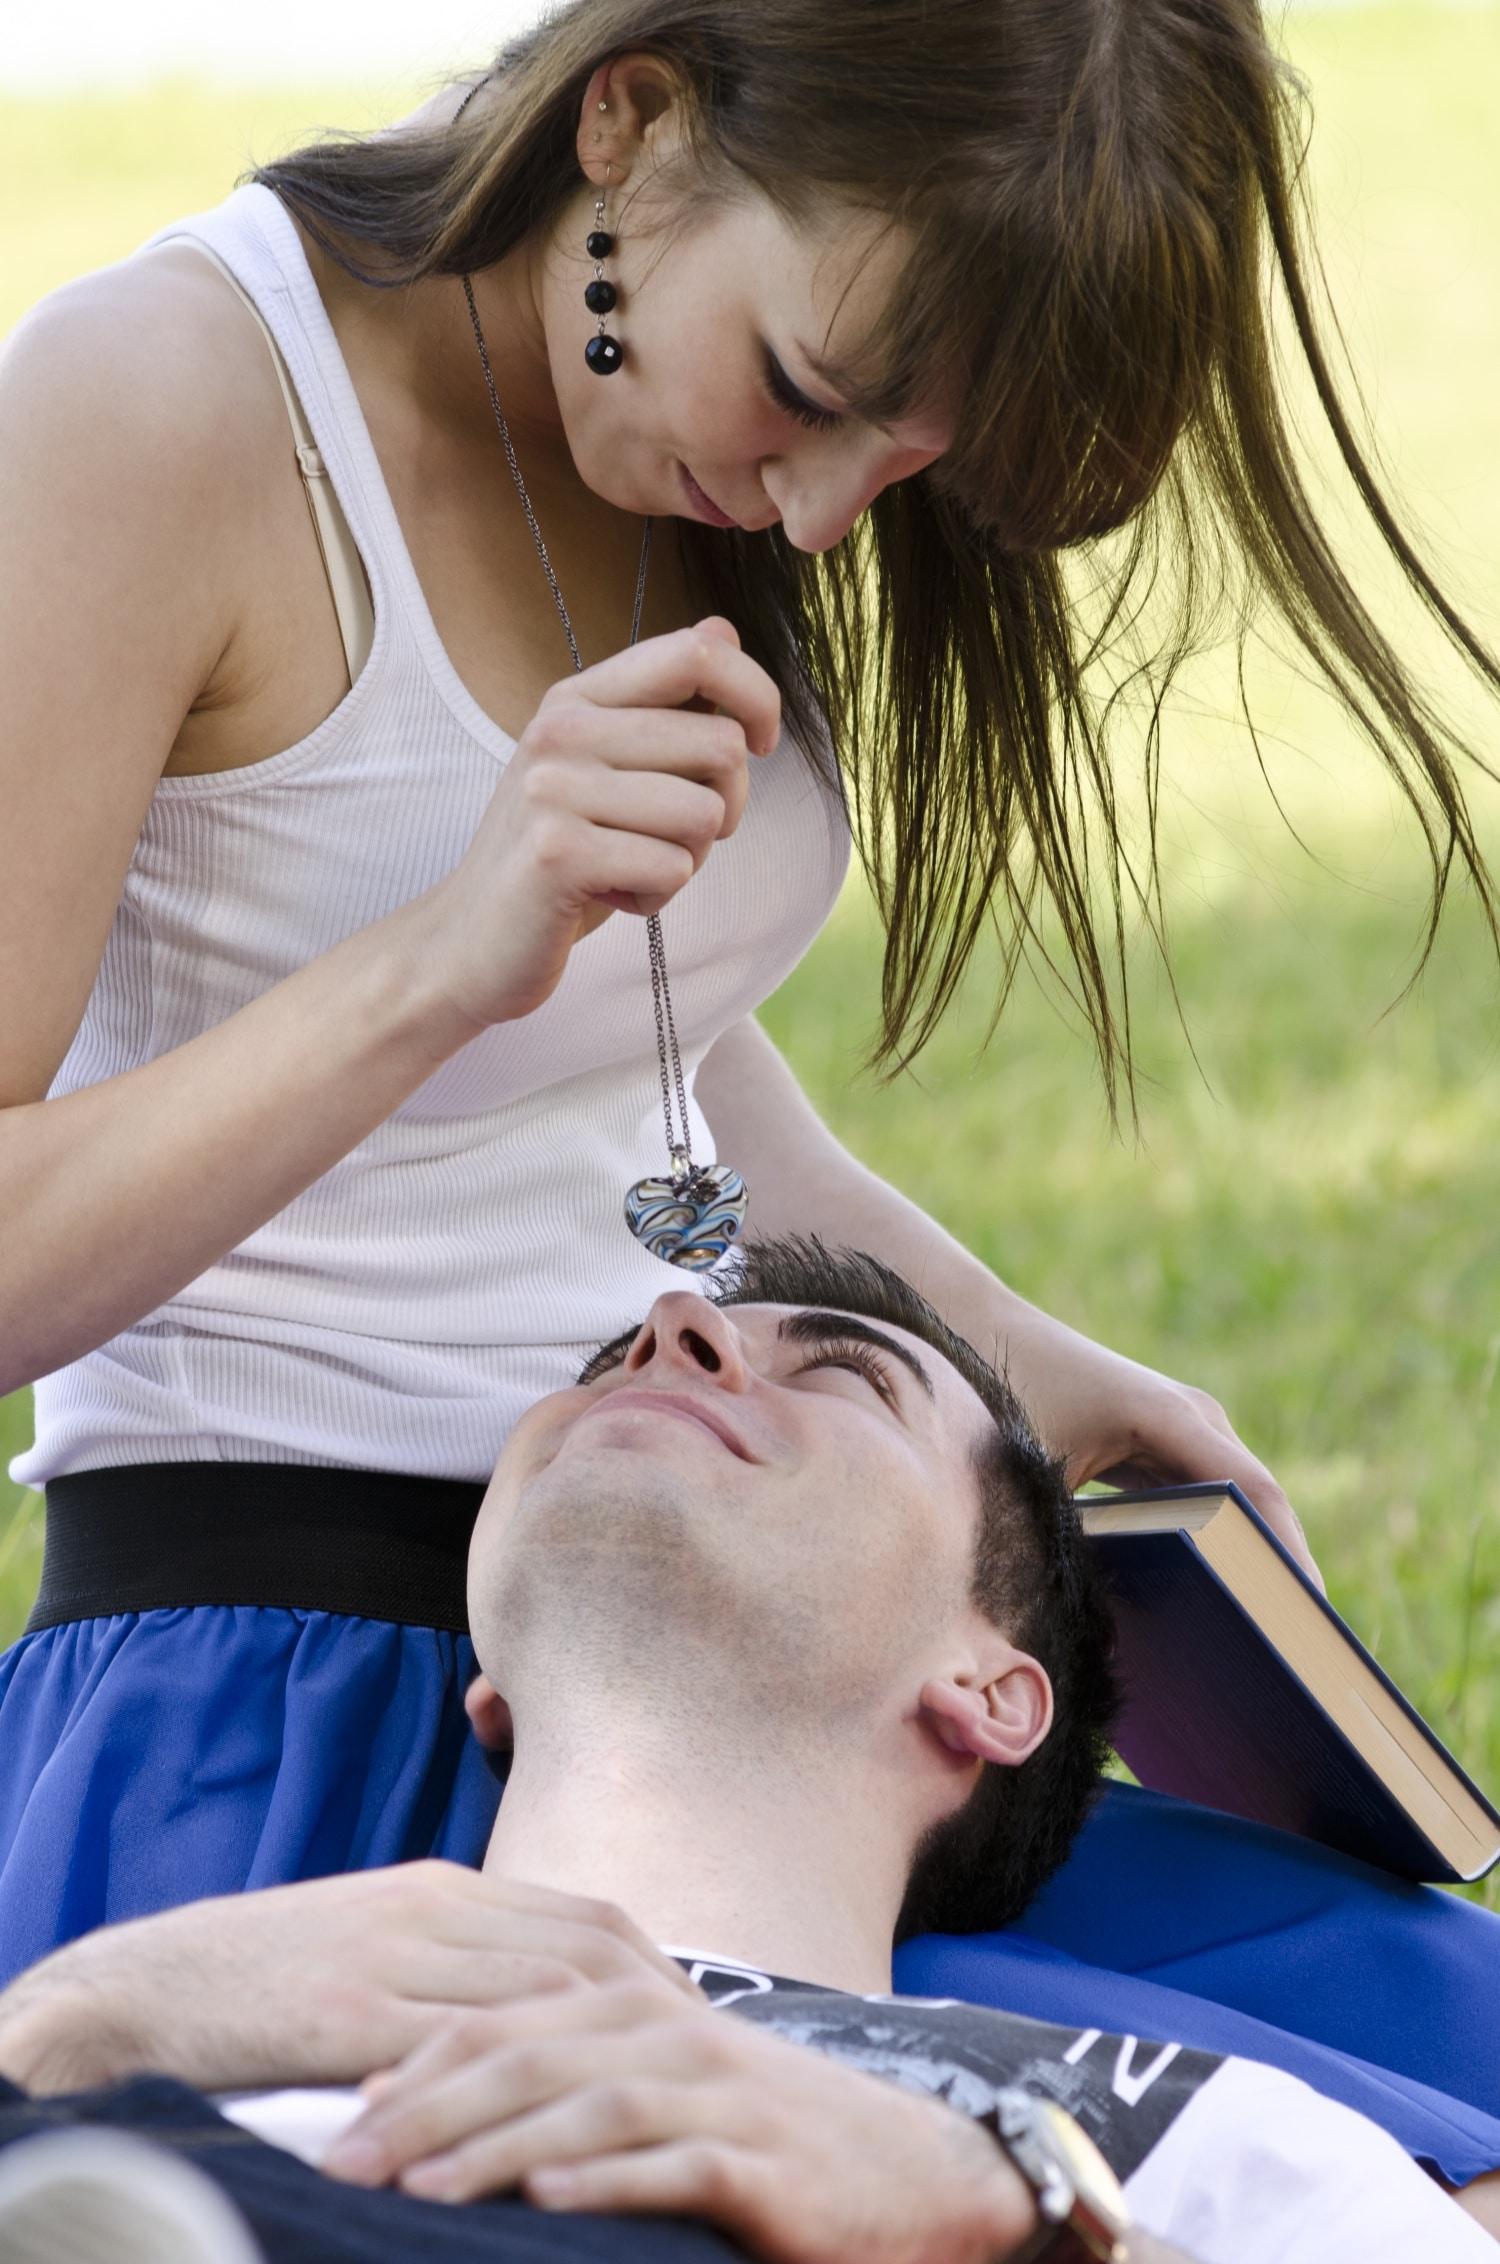 Gazdag, boldog és mázlista lehetsz! Mágikus, szerencsehozó ékszereink: az amulettek